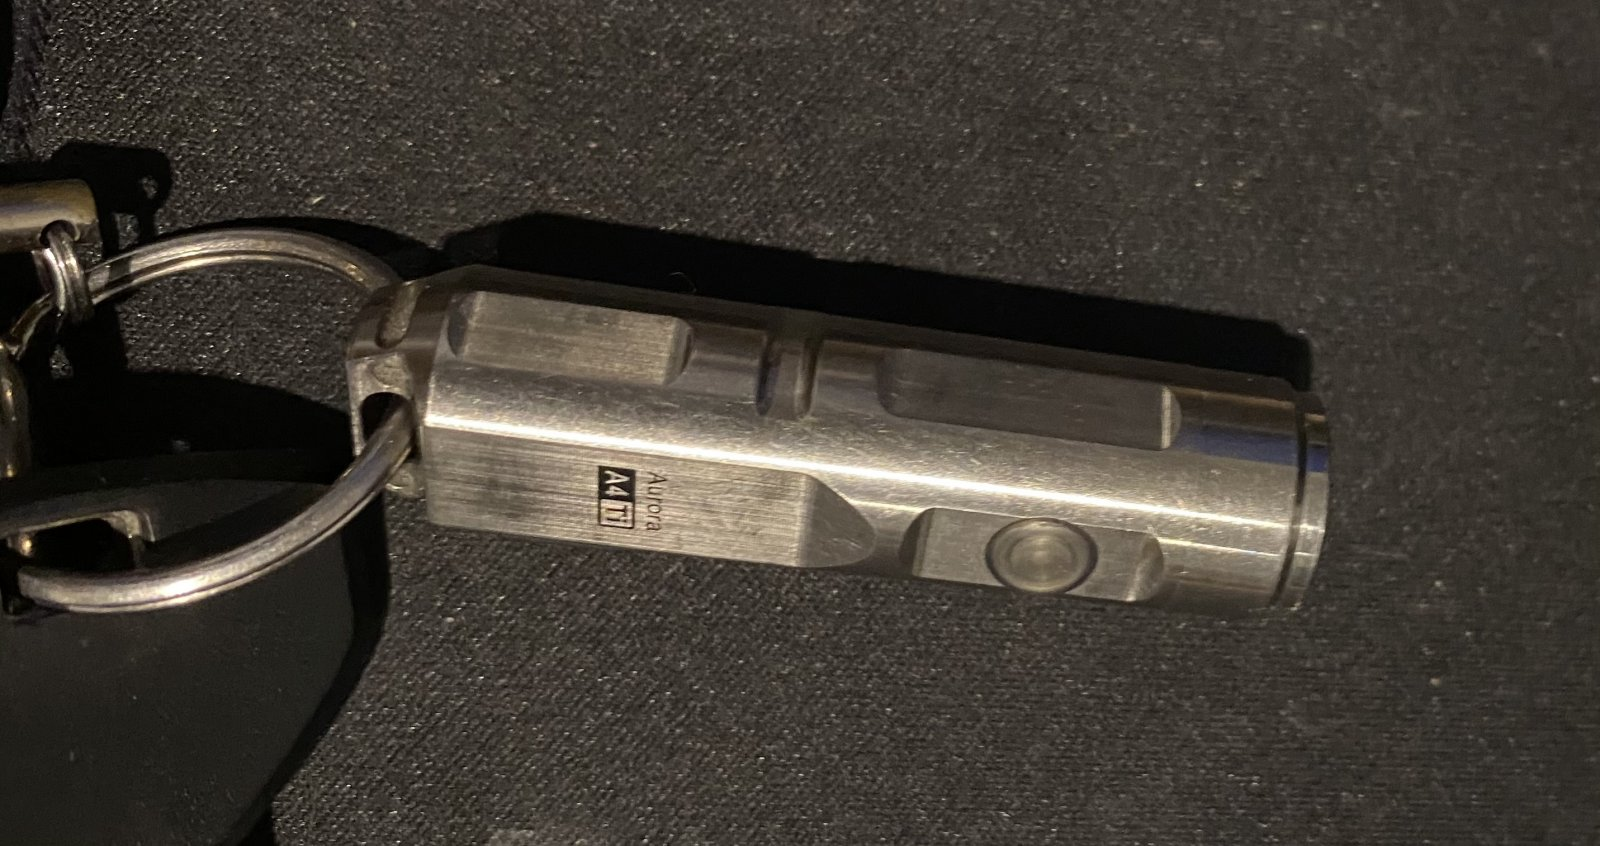 4939F55F-BD6F-4B53-8200-B9E1E823D1F1.jpeg